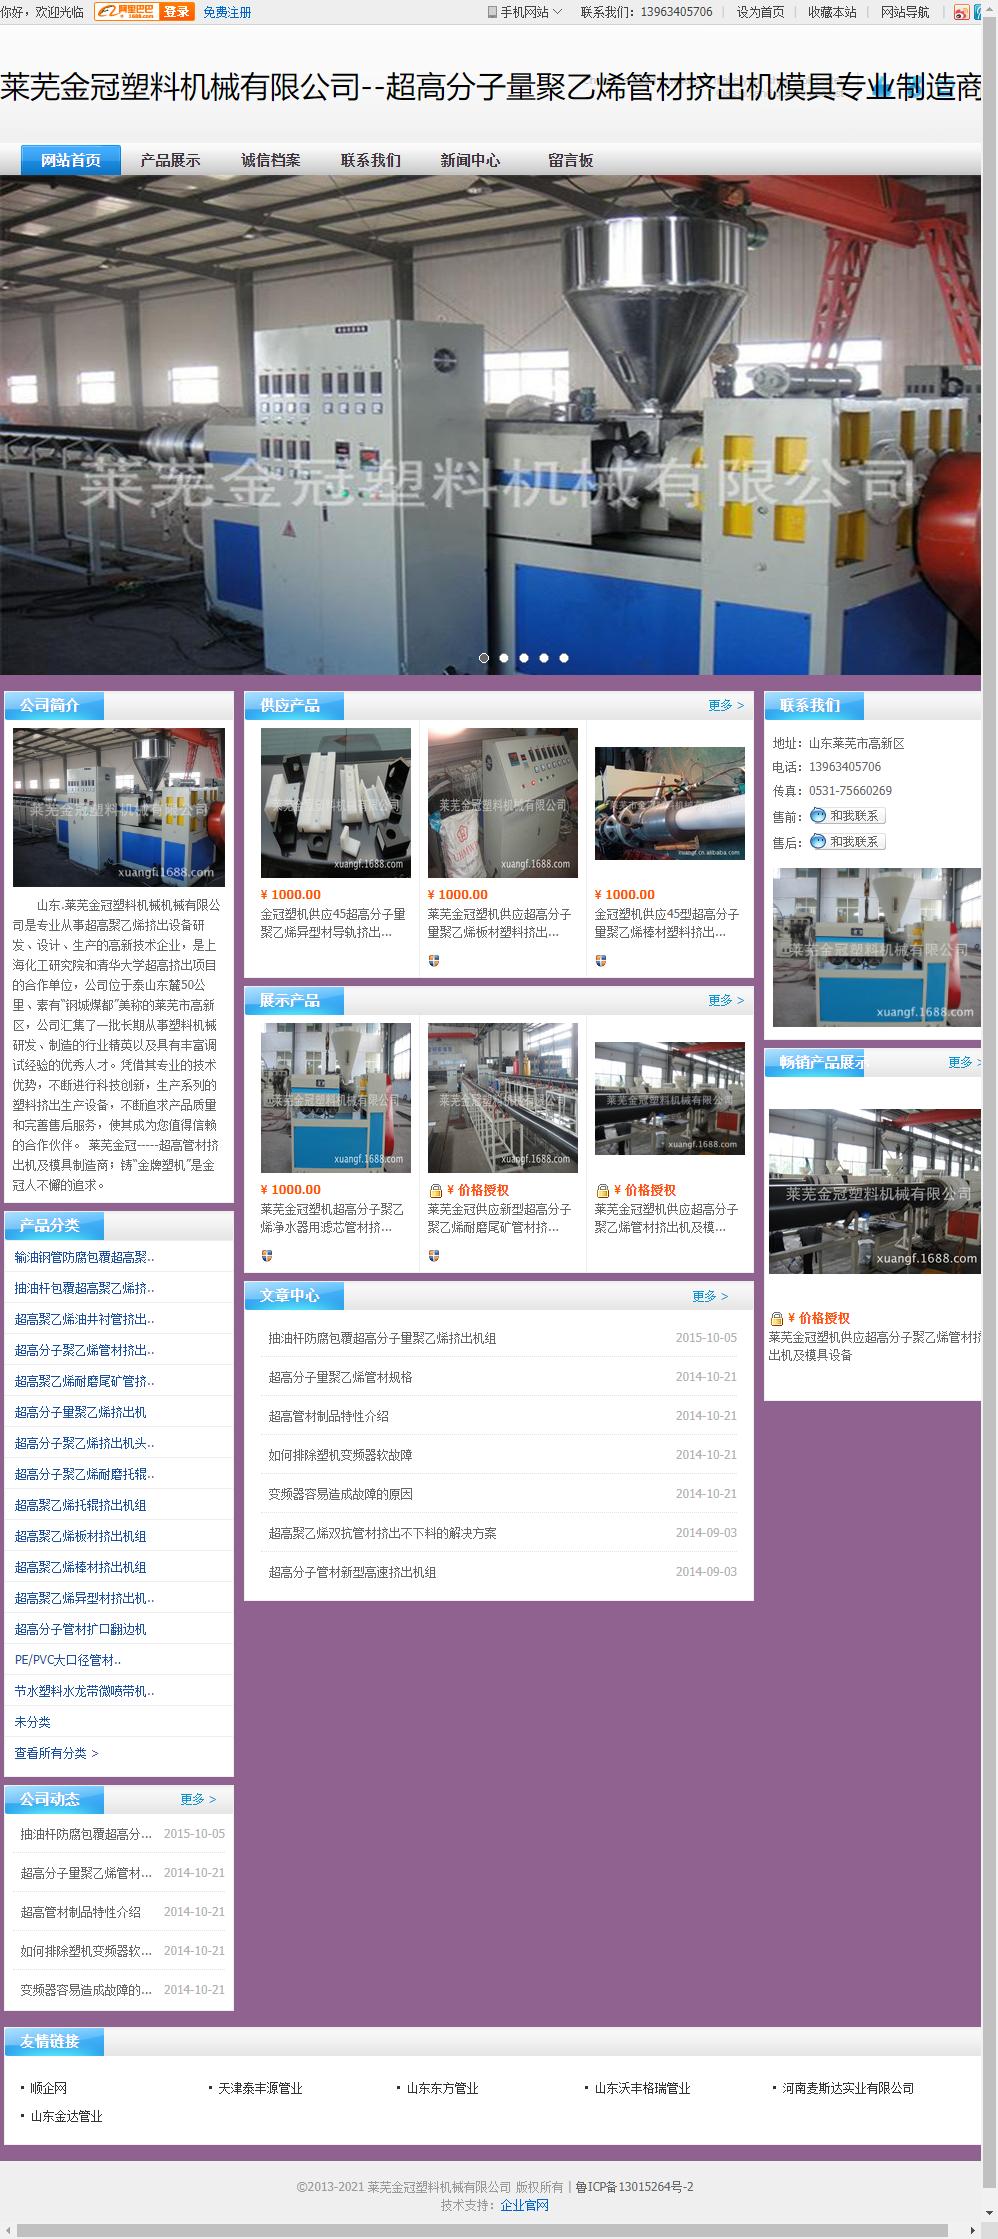 莱芜金冠塑料机械有限公司网站案例